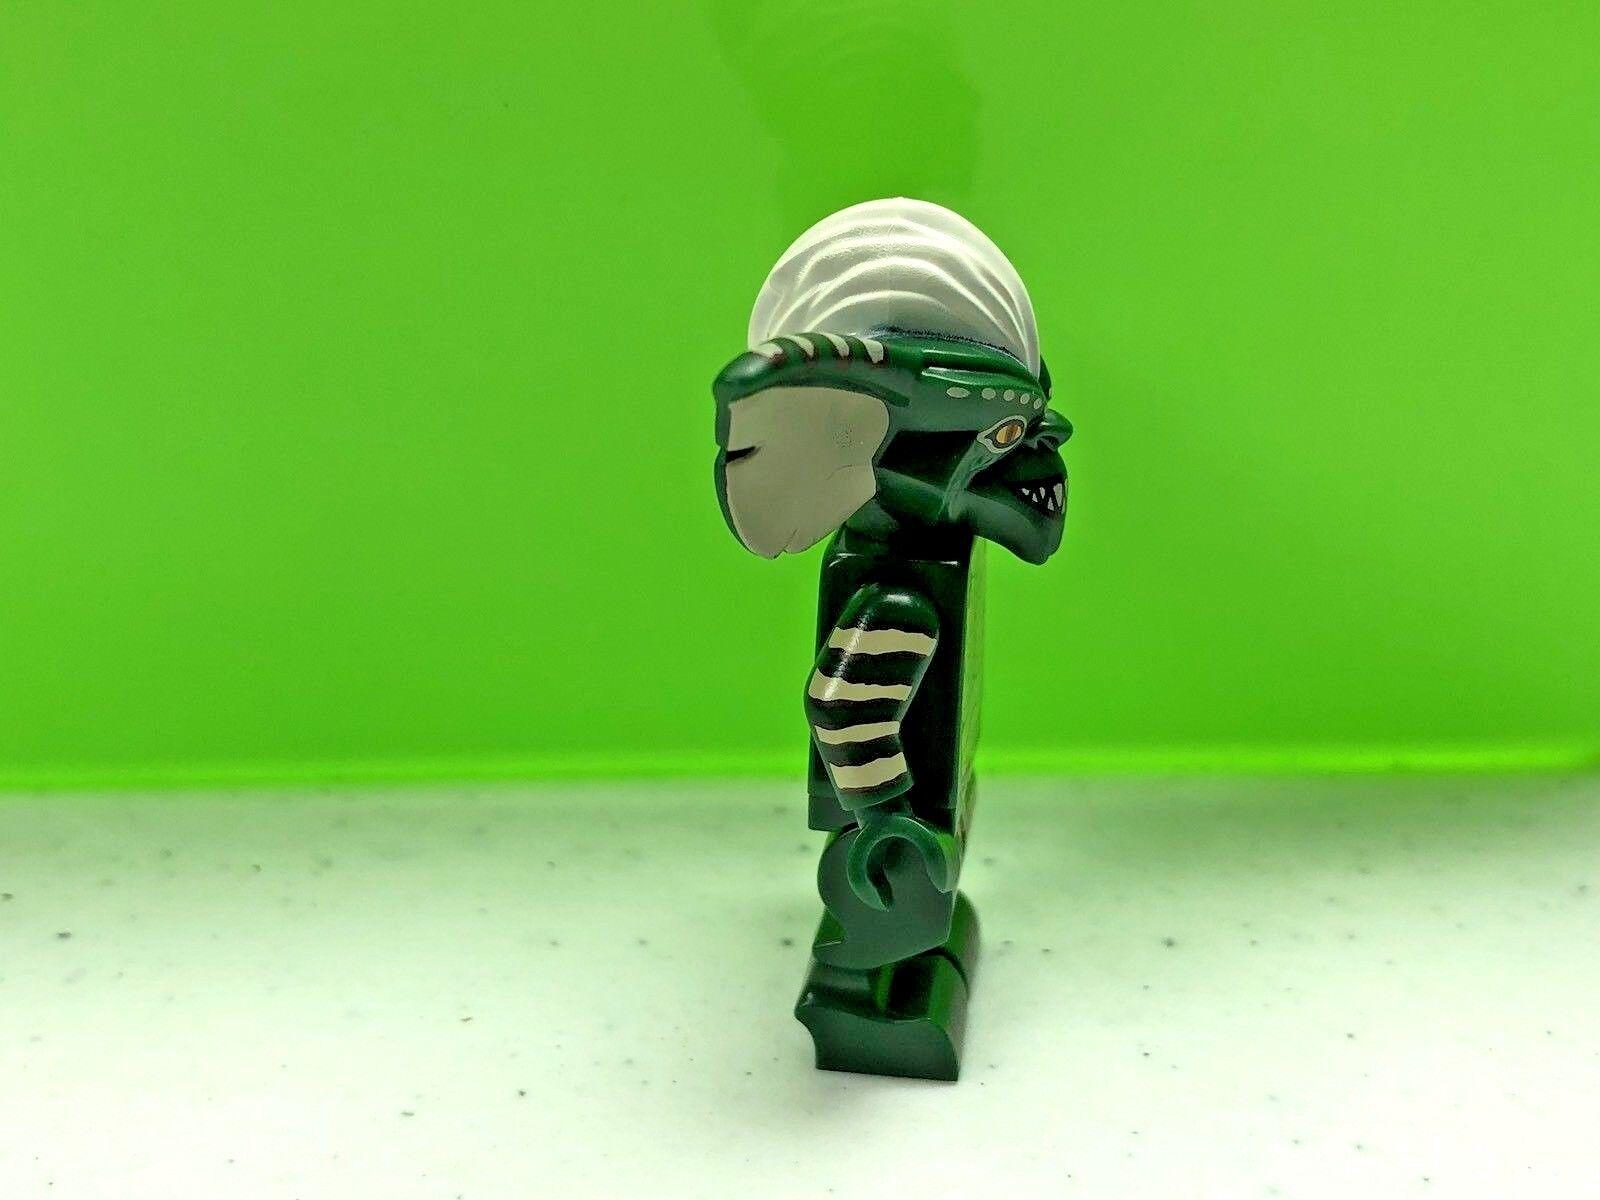 LEGO Gremlins Gremlins Gremlins Stripe Minifigure 71256 NEW DIM033 c751ee